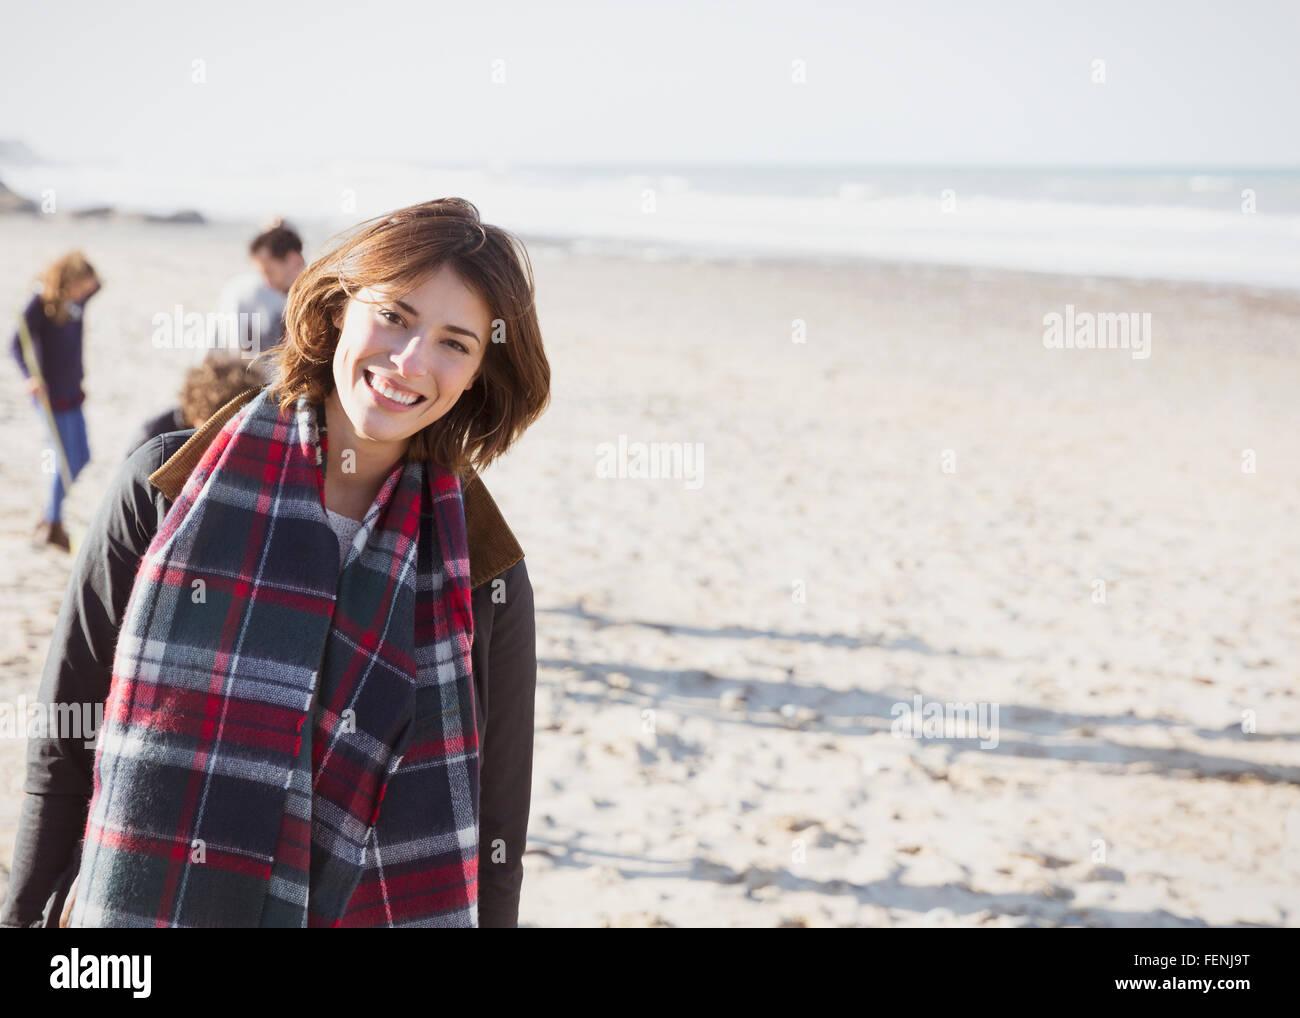 Lächelnde Frau Porträt in karierten Schal am Sonnenstrand Stockbild